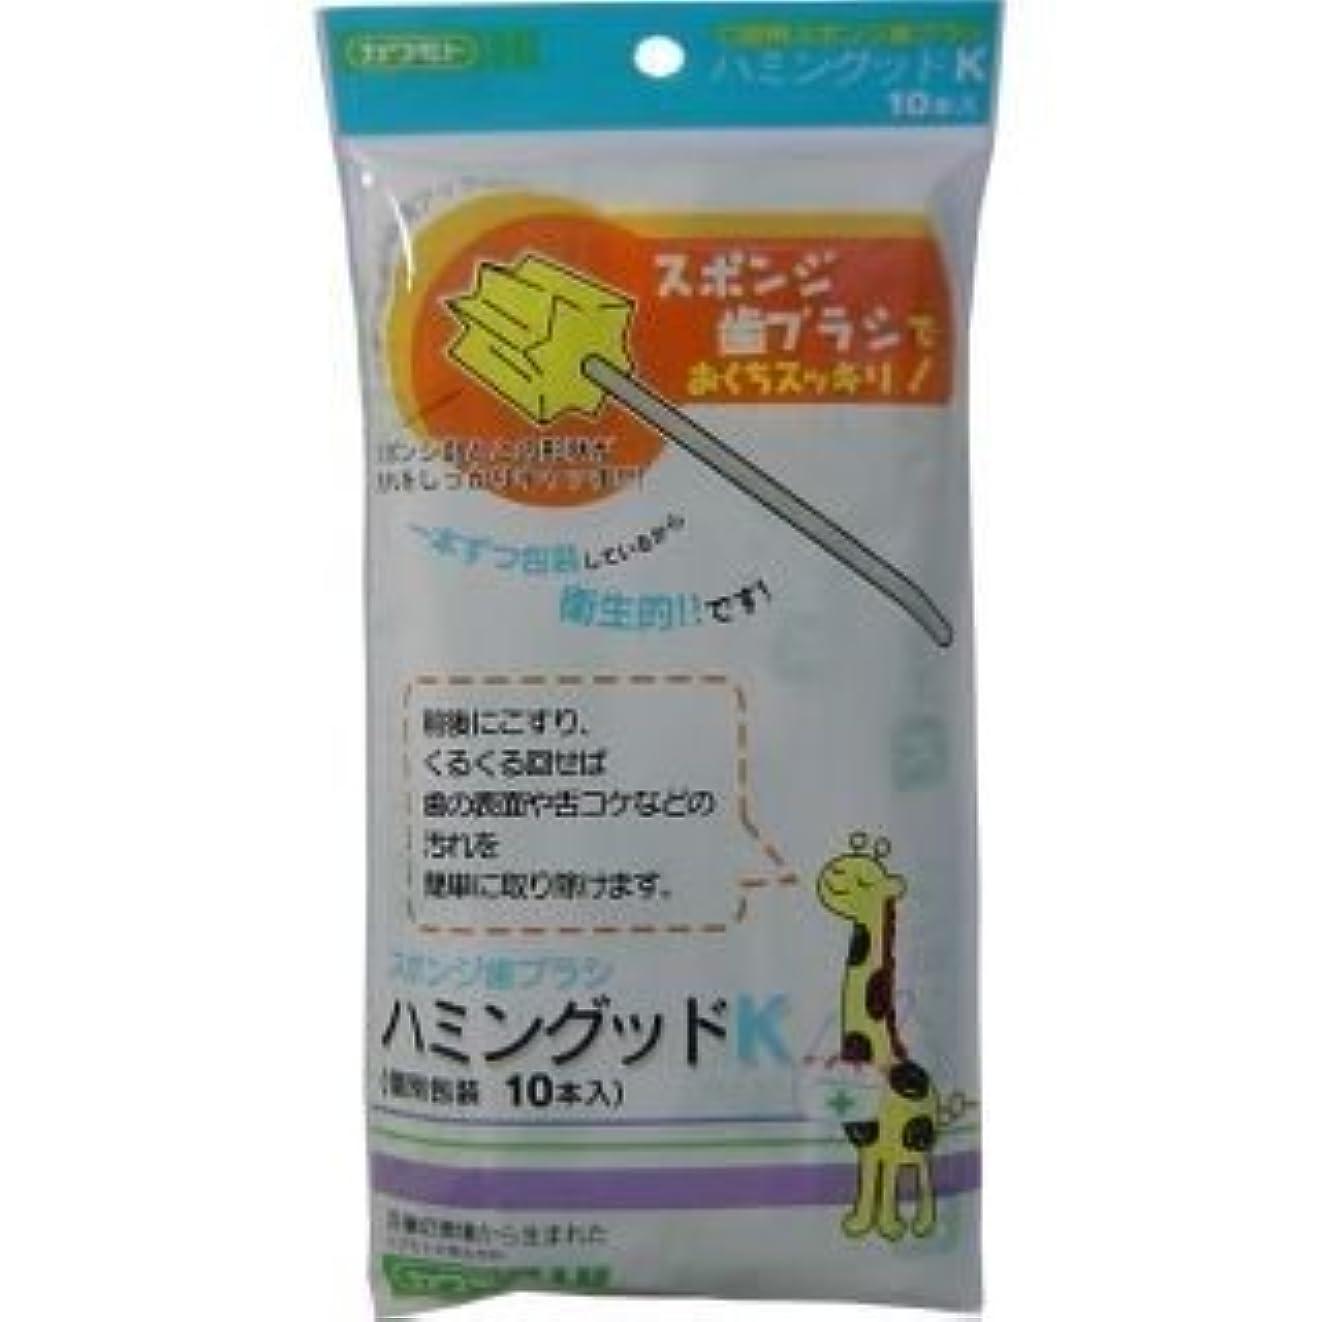 口腔用スポンジ歯ブラシ!これ1本で、歯の表面や歯茎から舌の汚れまで、きれいサッパリ!使い捨てだから衛生的!個別包装!10本入!